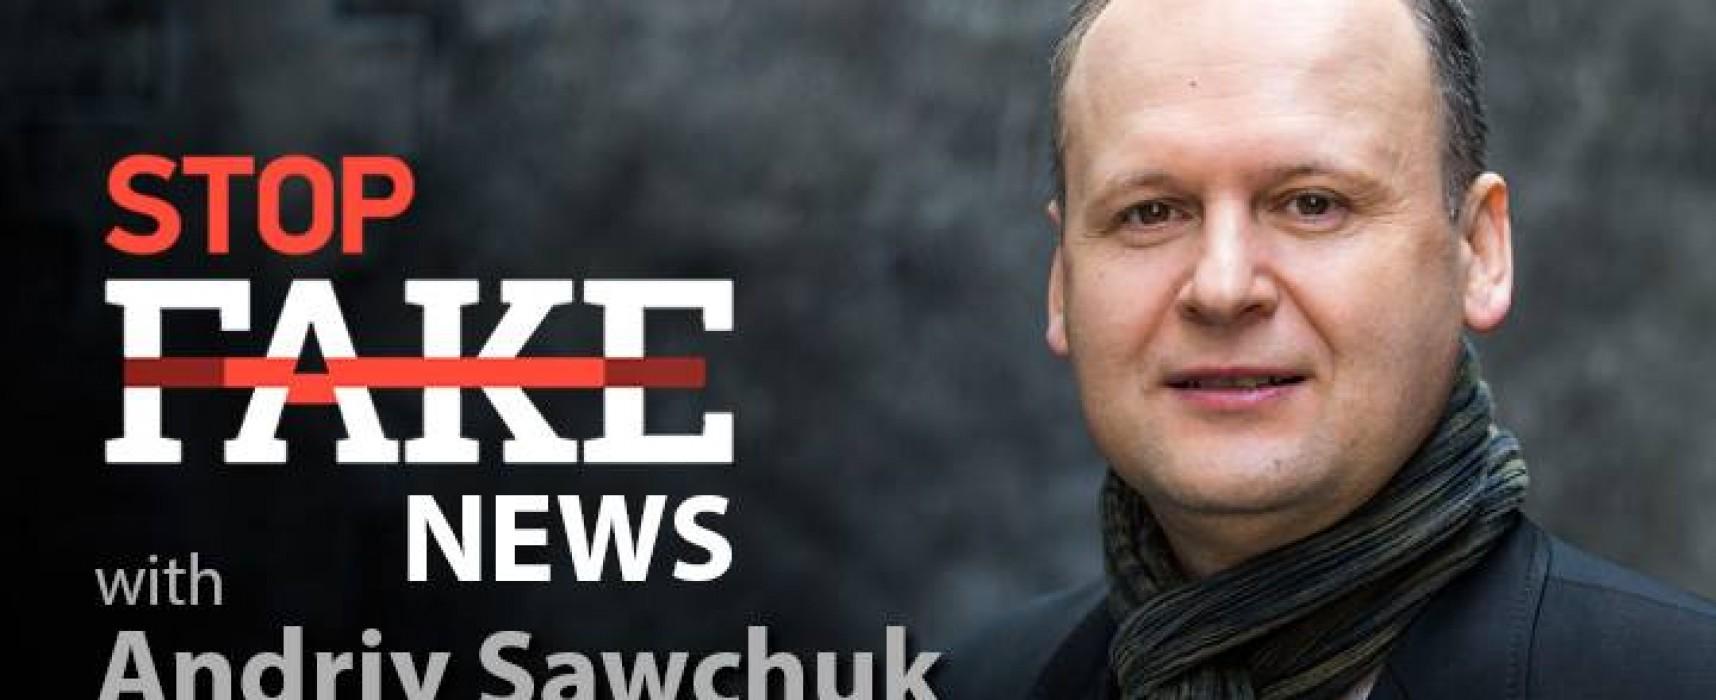 Noticias StopFake en inglés #77 con Andriy Sawchuk